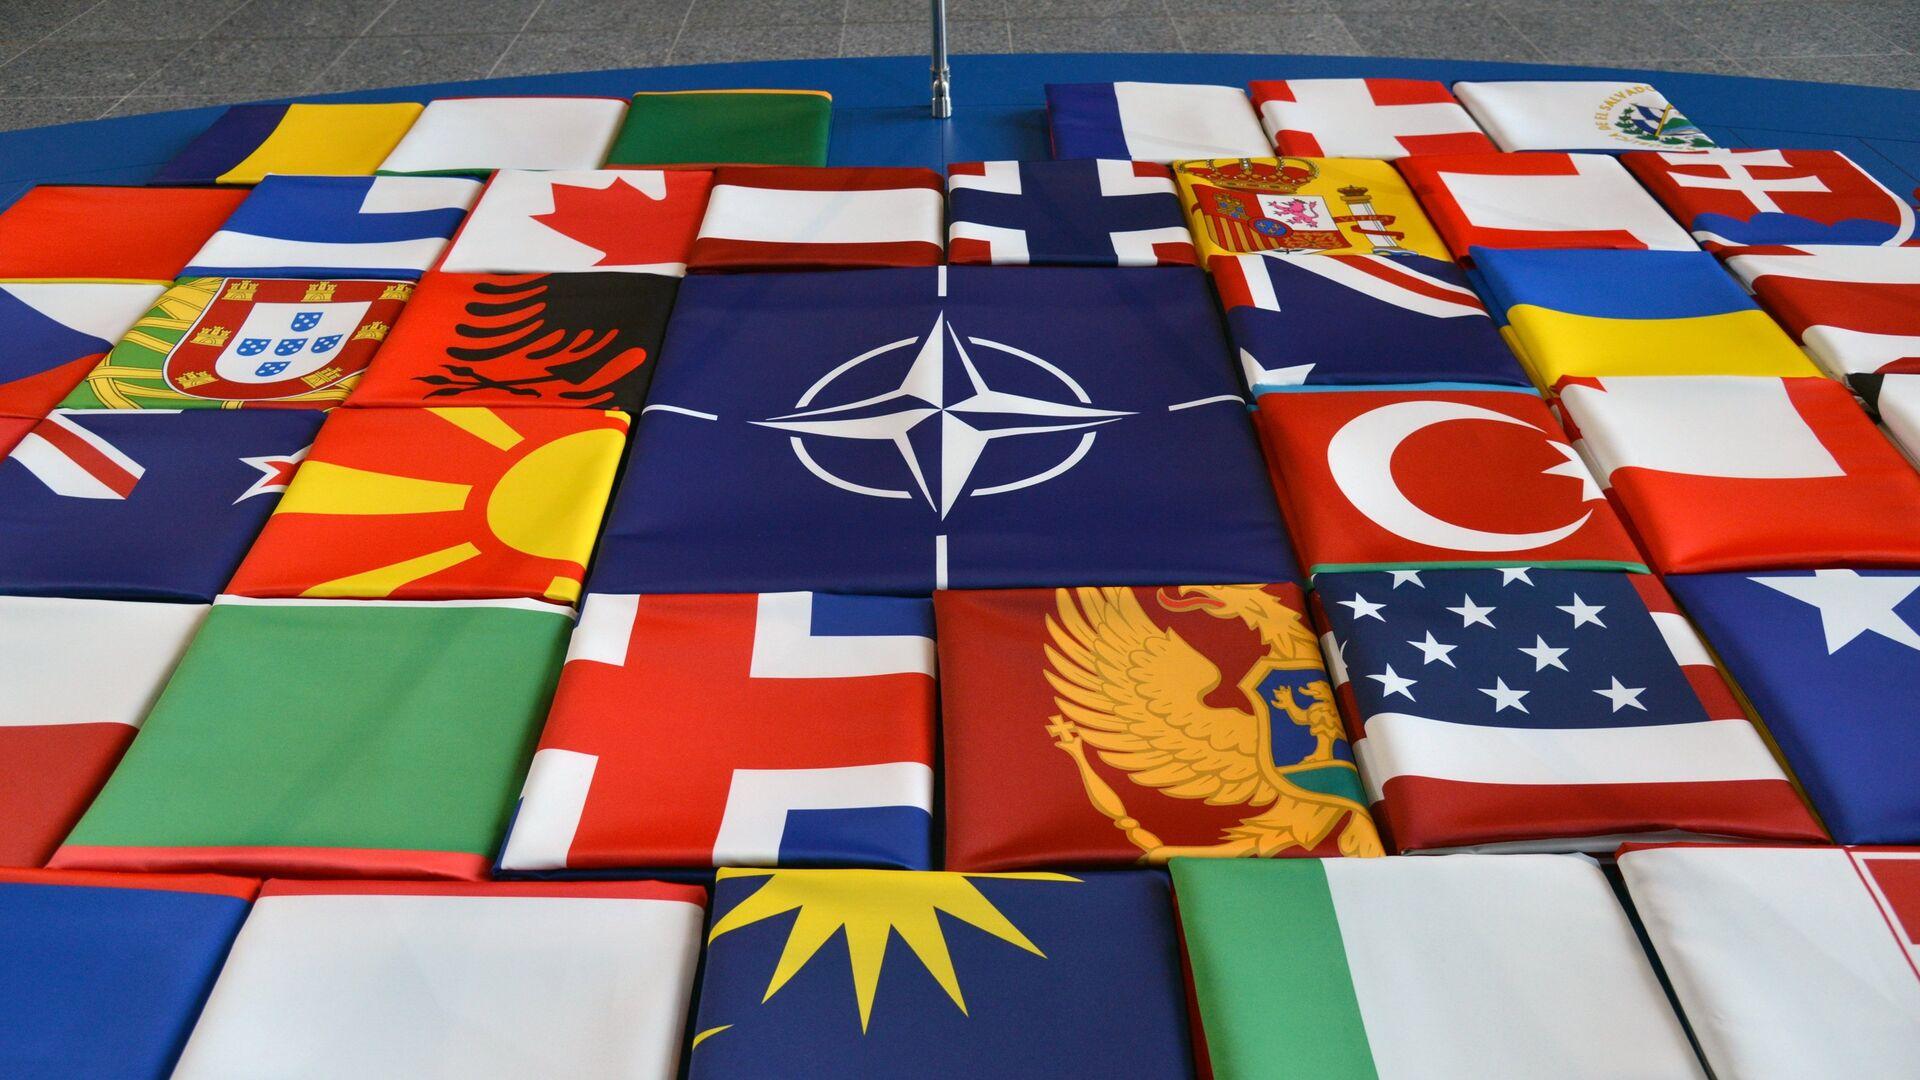 Флаги саммита стран-участниц НАТО в Брюсселе - РИА Новости, 1920, 13.06.2021